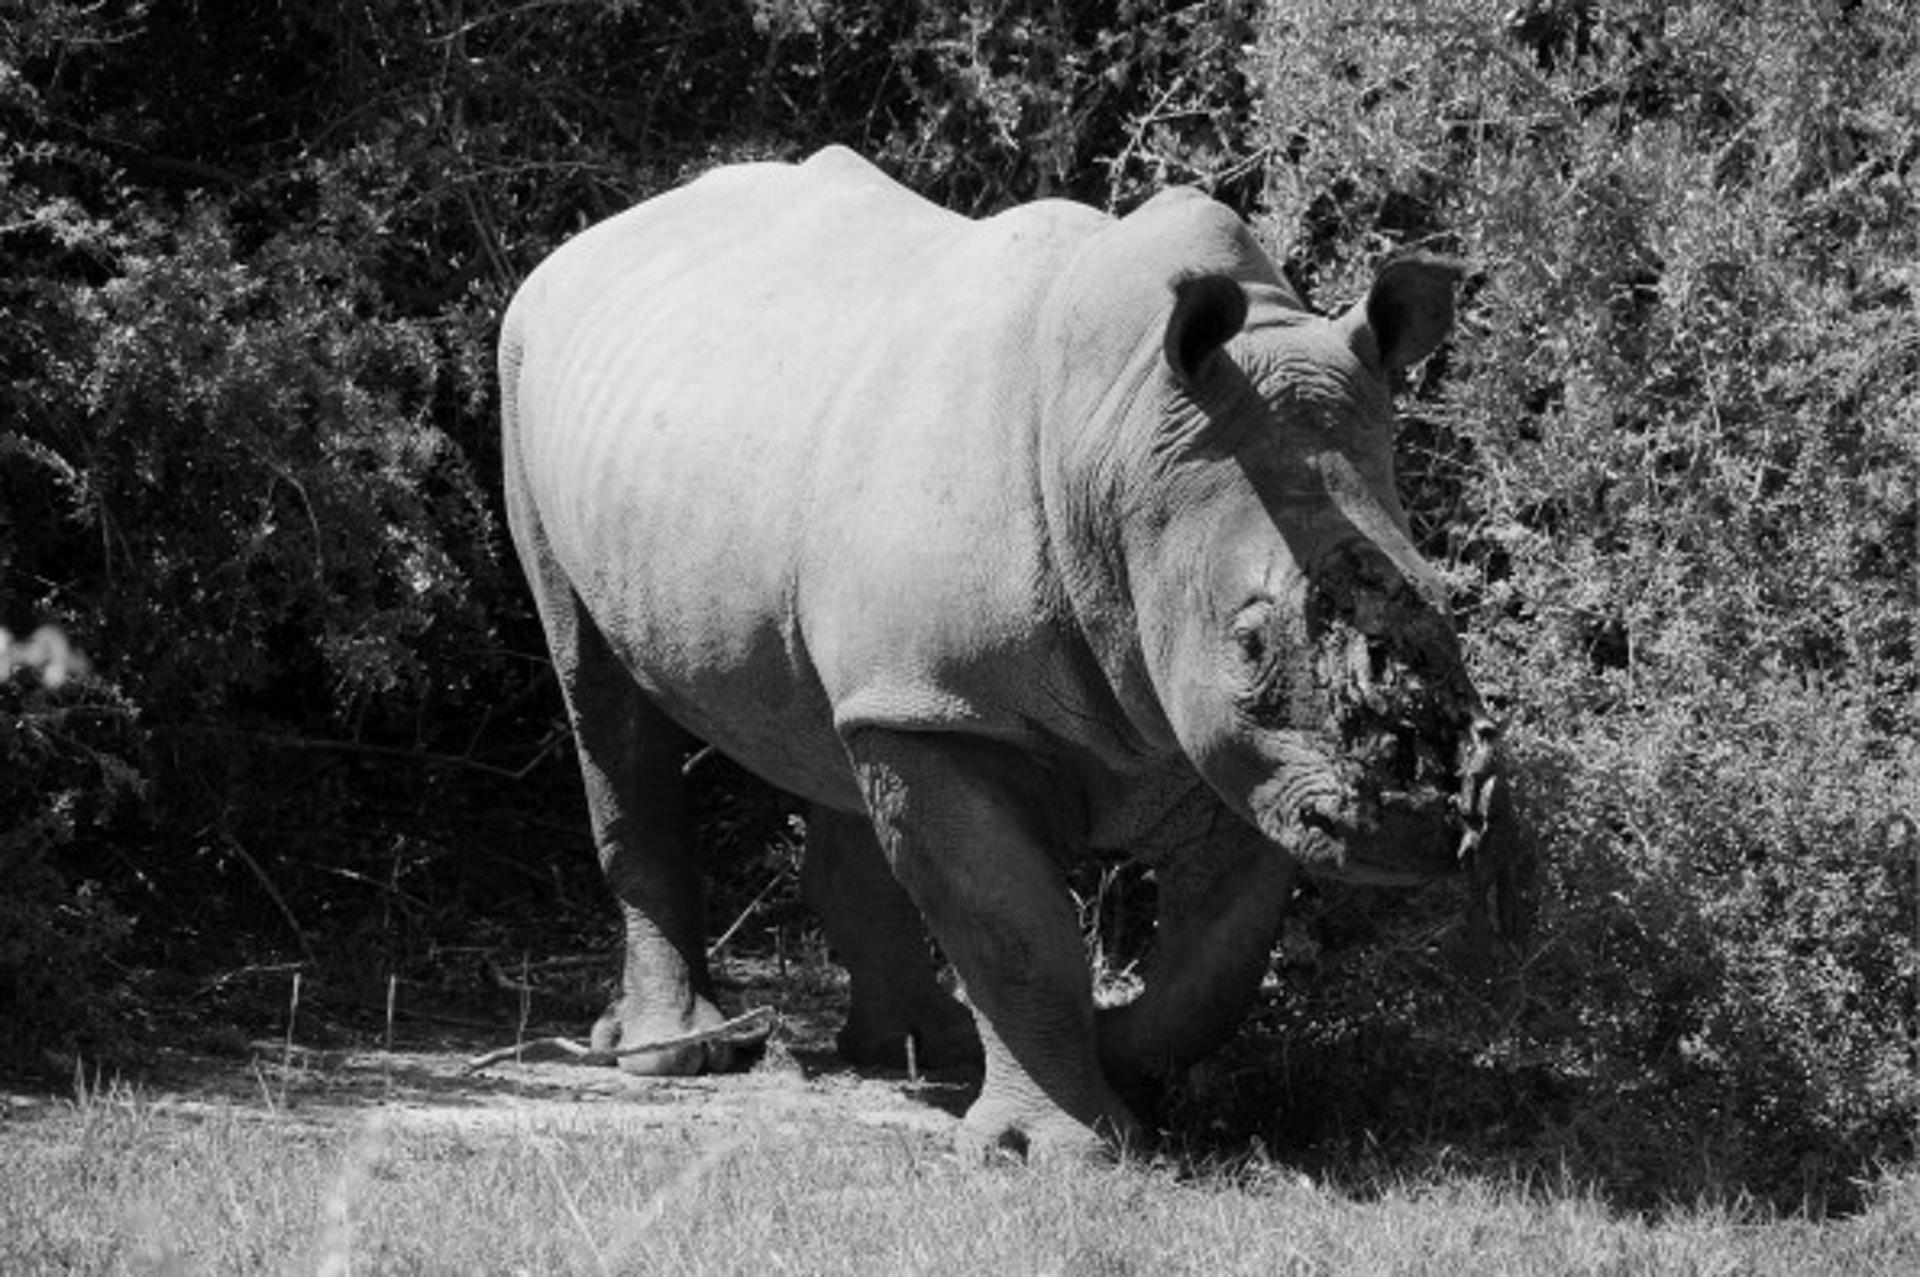 盜獵者為求得到犀牛角不擇手段,不少犀牛因而受重傷或死亡。(Getty Image)